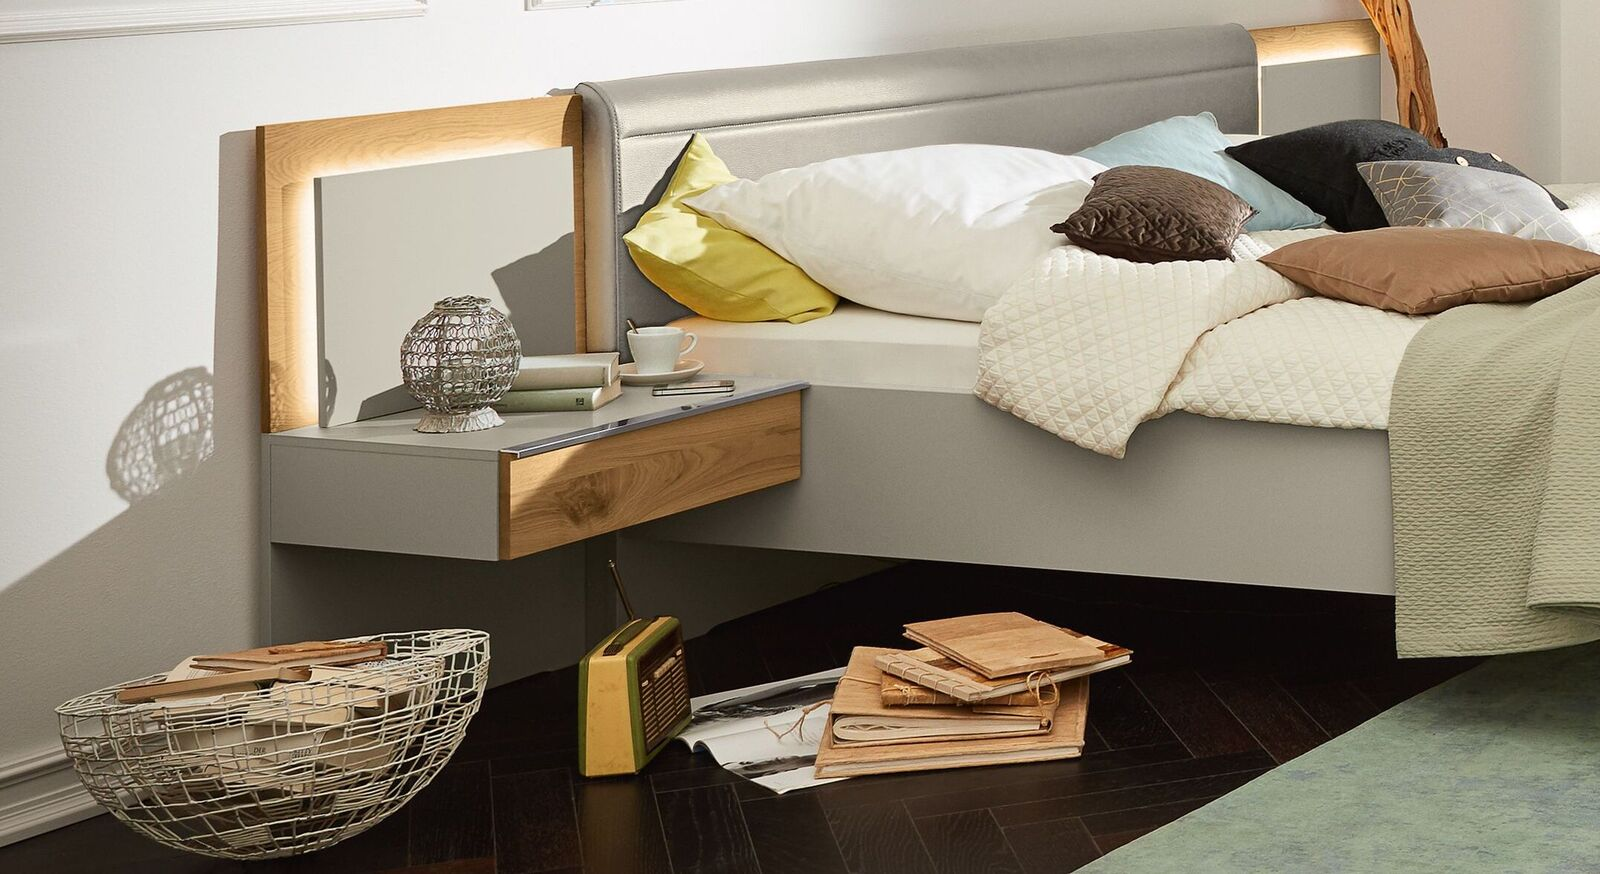 Full Size of Musterring Saphira Schlafzimmer 4 Tlg In Grau Eiche Furnier Betten Esstisch Wohnzimmer Musterring Saphira